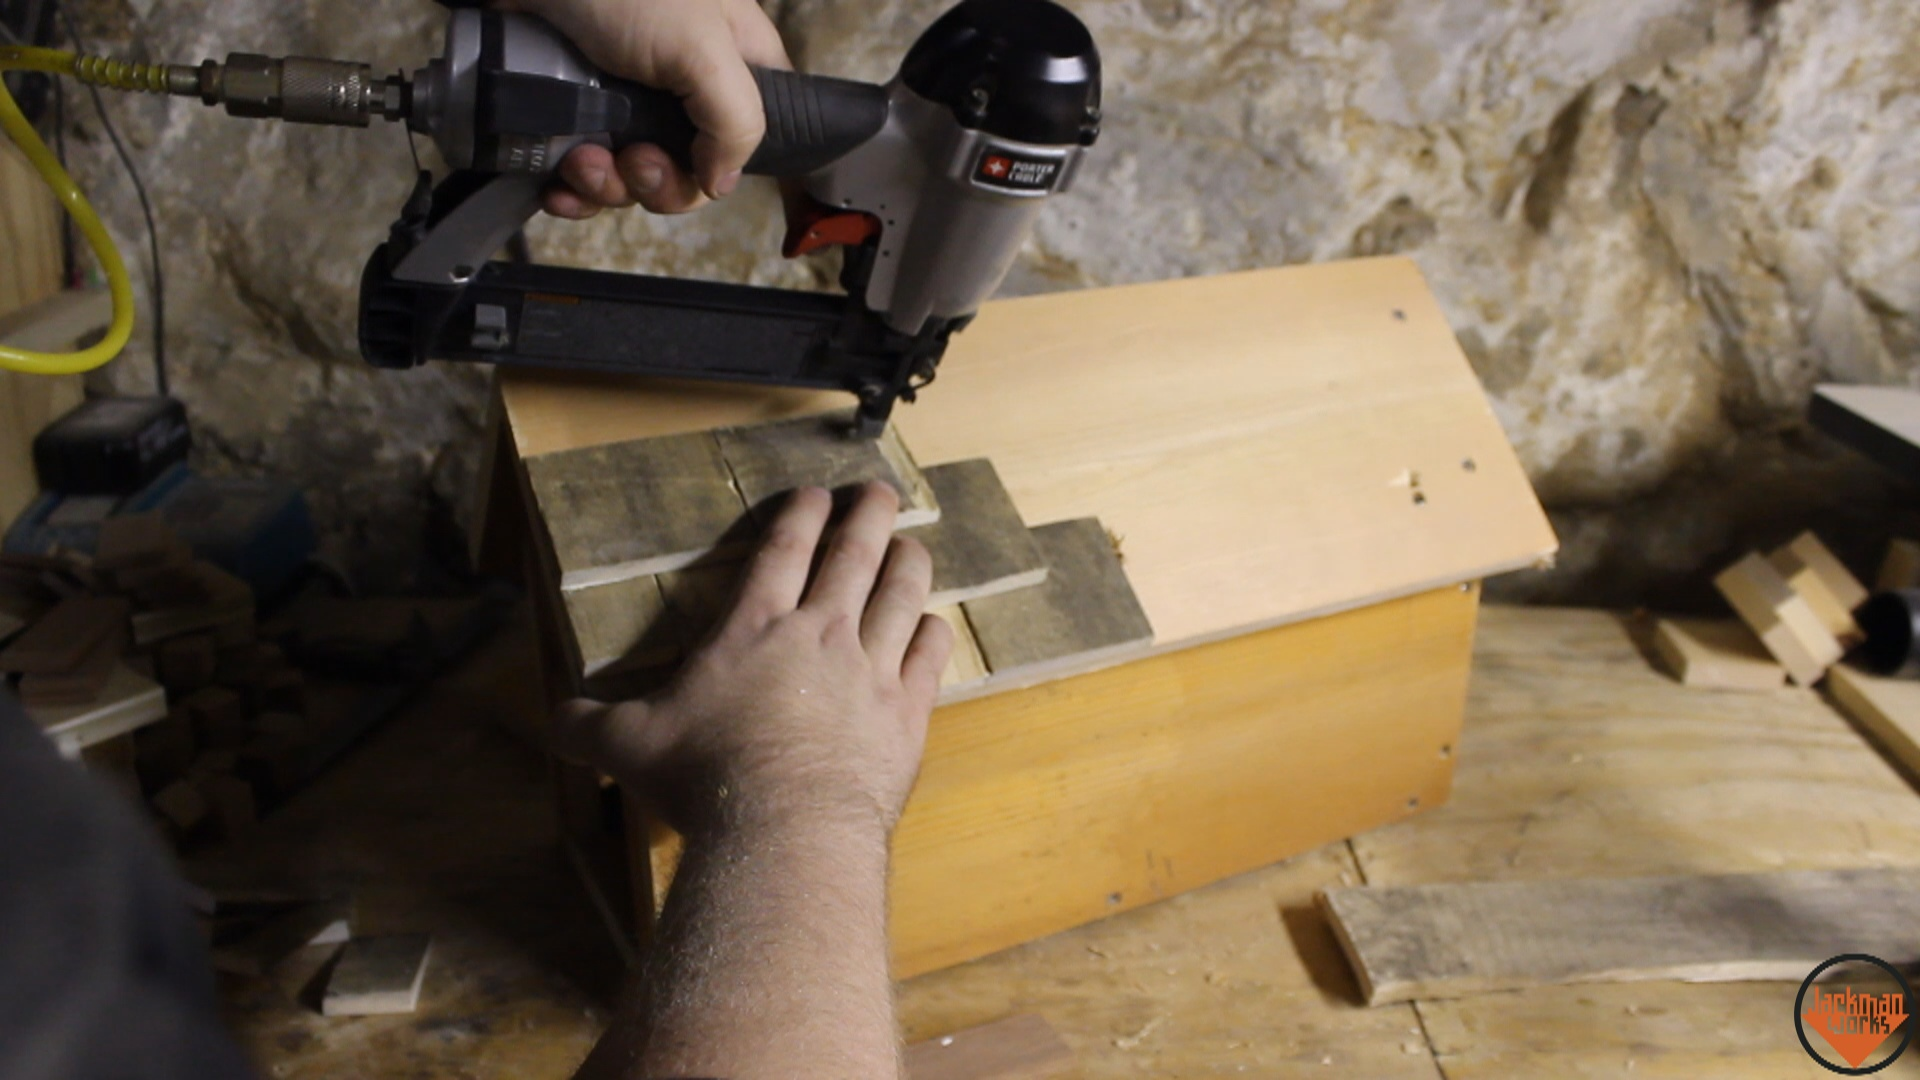 Wood mailbox 13 jackman works jackmanjackman worksjackman carpentrycarpentrywoodworkingwooddiydo it yourselfbuildingmakingdesignupcycledrecycledreclaimedhow to make a solutioingenieria Images